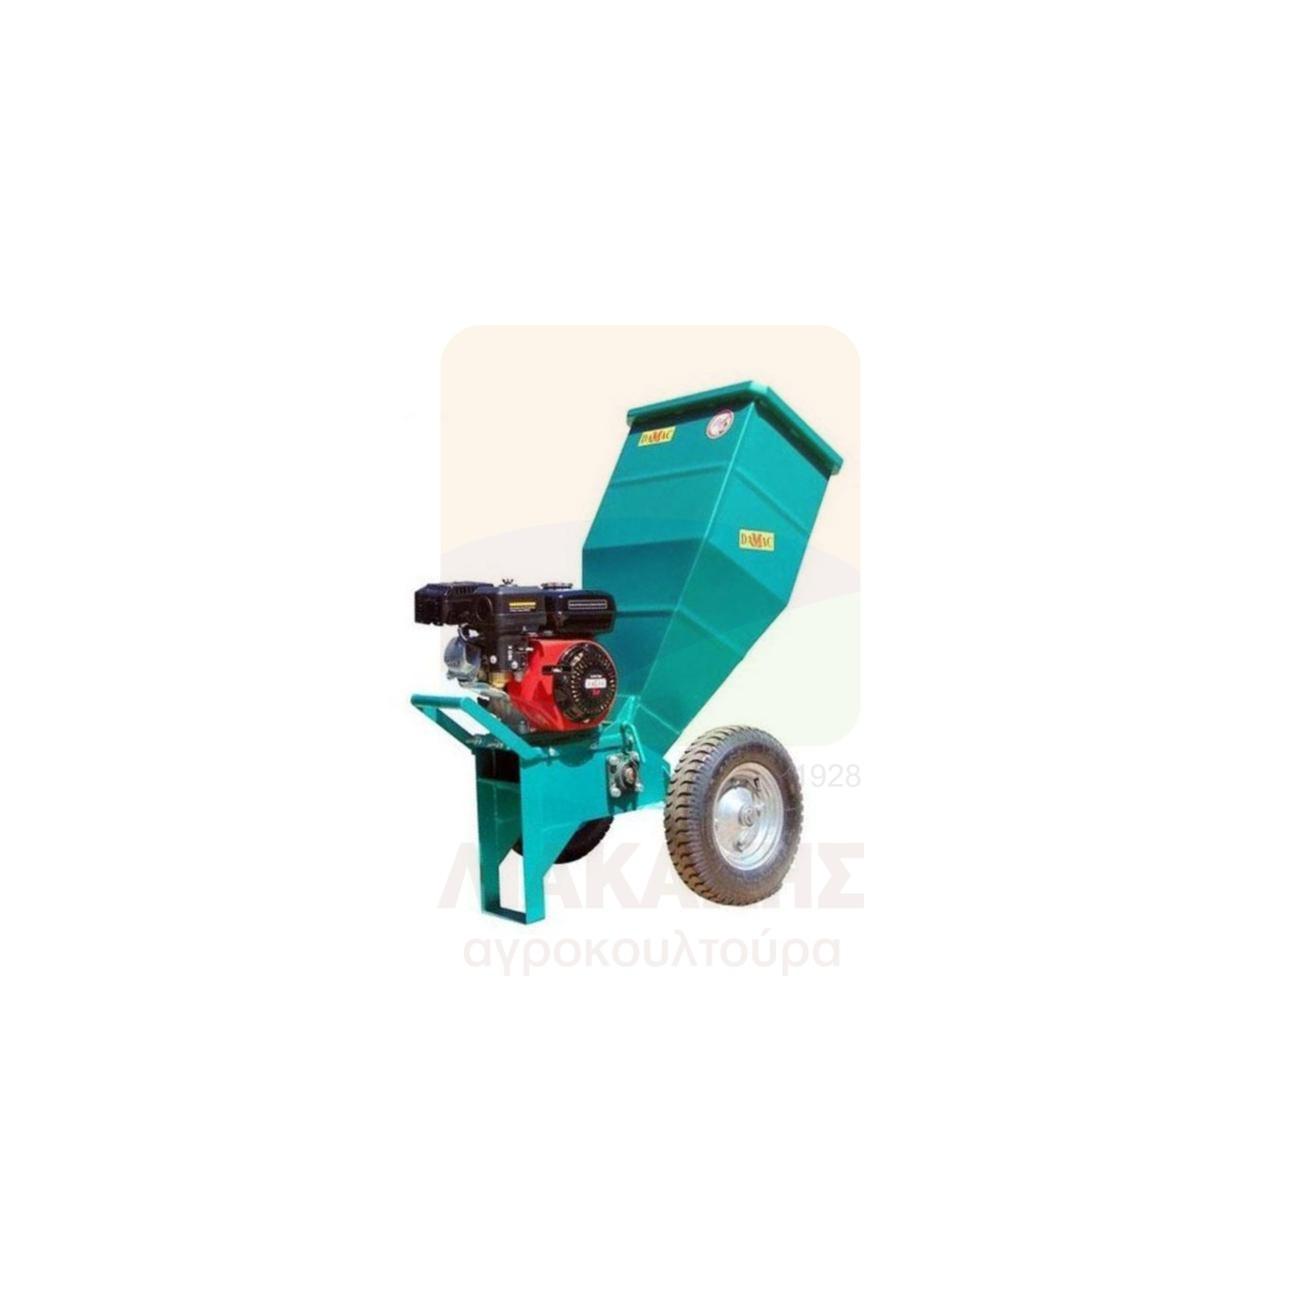 Βενζινοκίνητος Θρυμματιστής Κλαδιών 15.150 7 Hp DAMAC (78413)